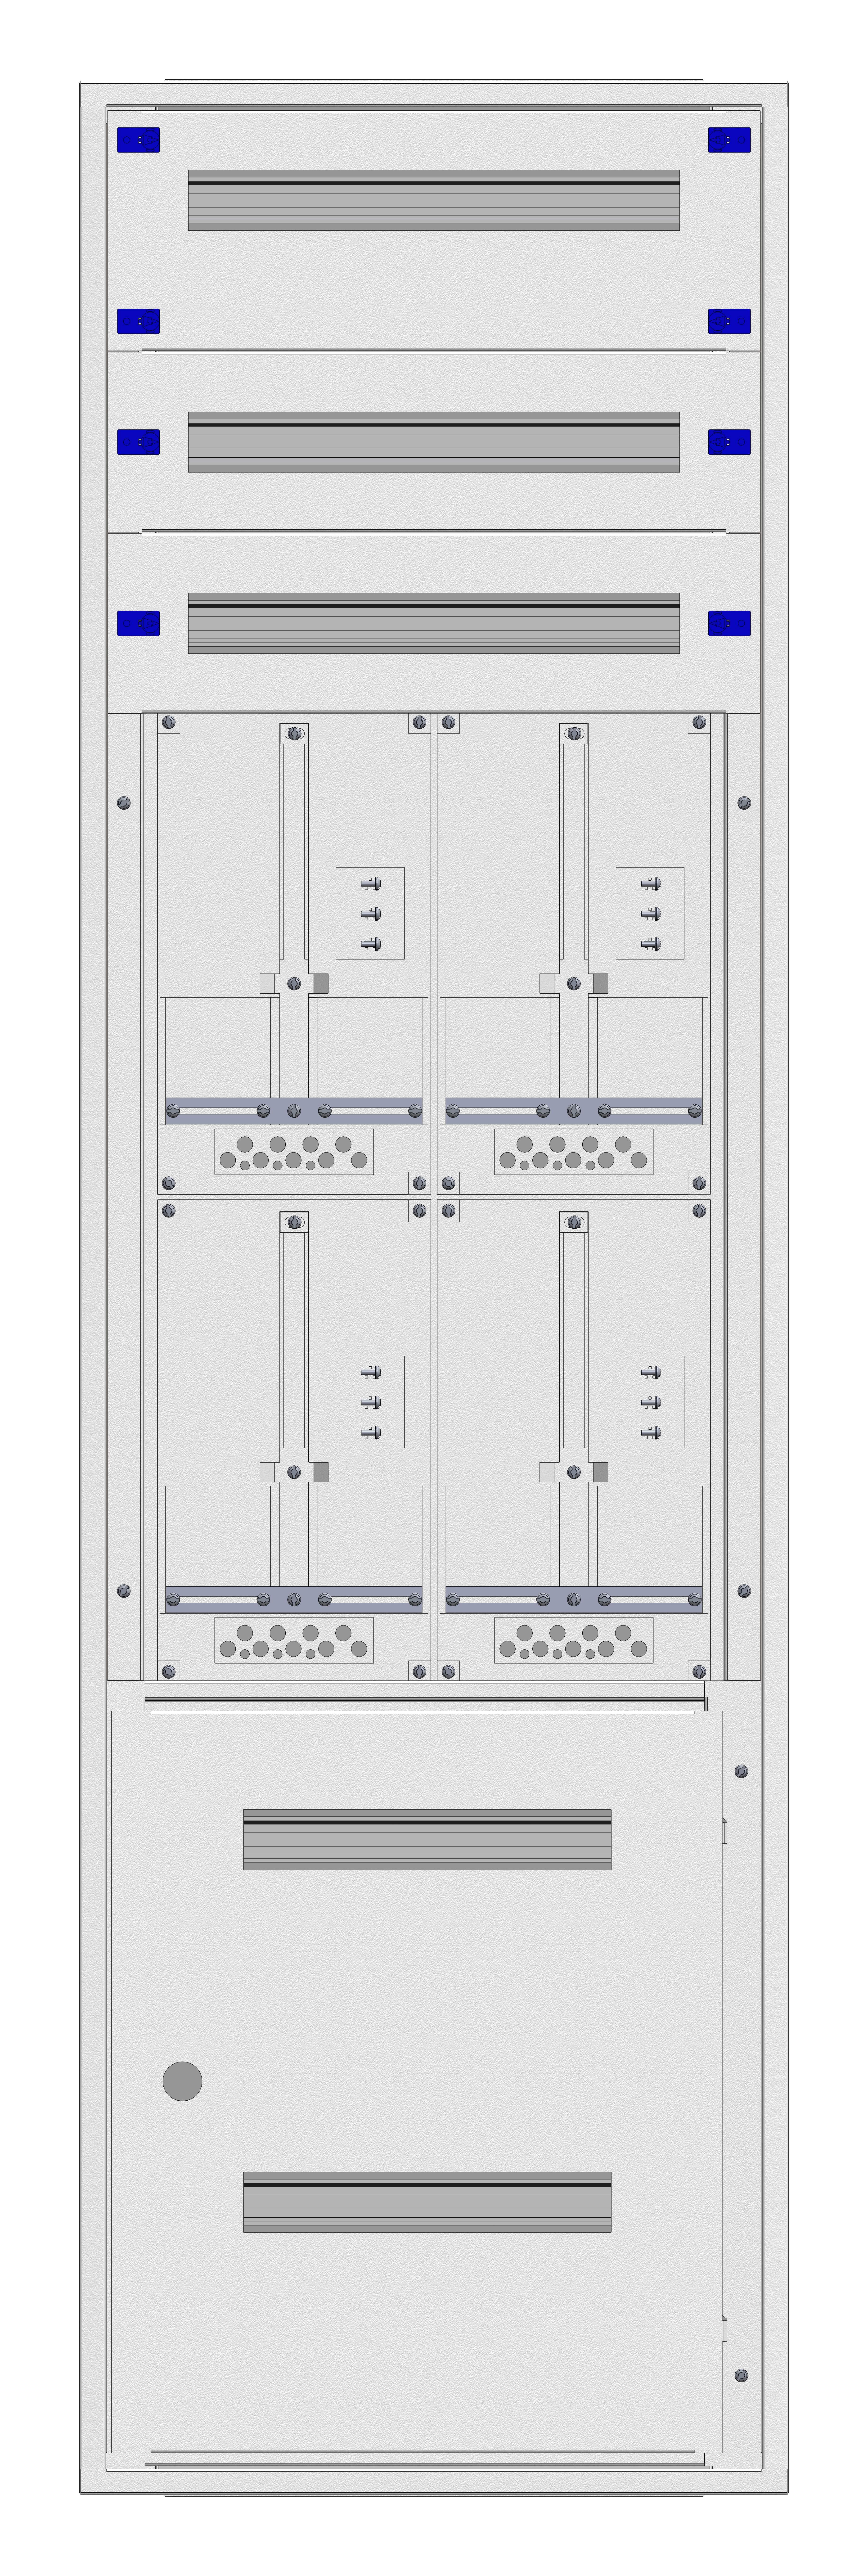 1 Stk Aufputz-Zählerverteiler 2A-39G/STMK 4ZP, H1885B590T250mm IL162239GS